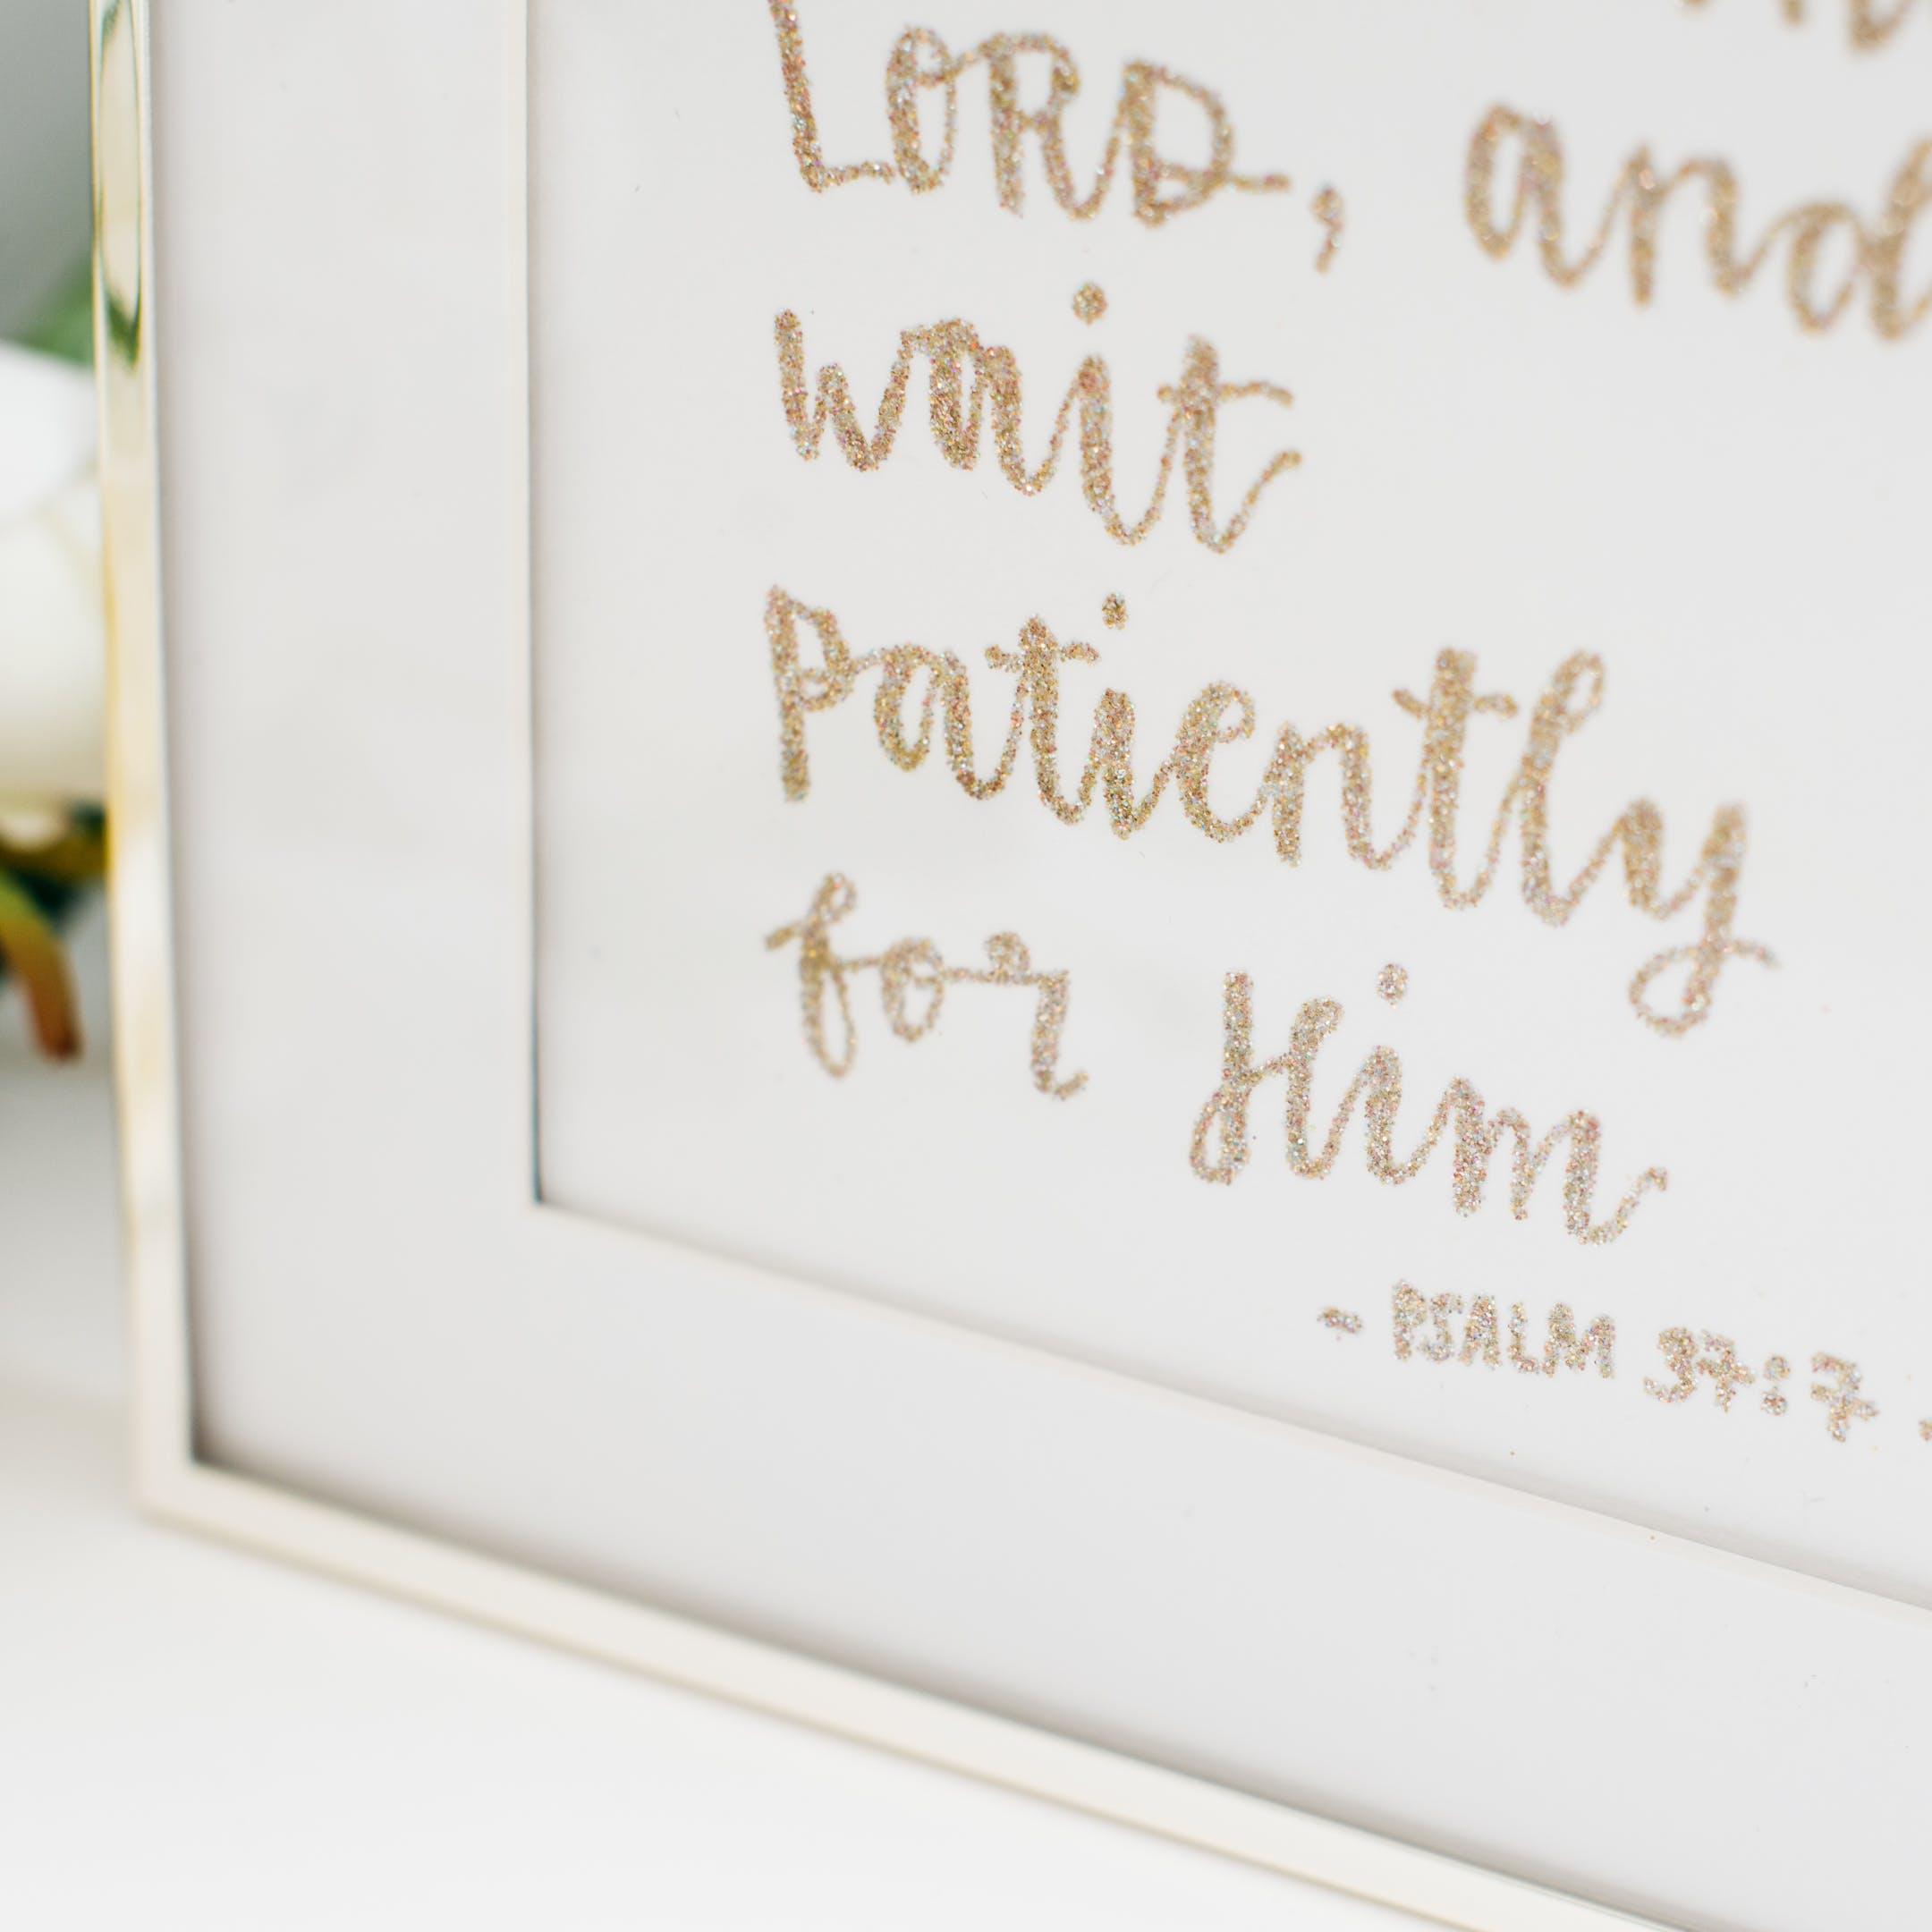 Framed Glitter Calligraphy - Rest in the Lord - Kate Hanks Art